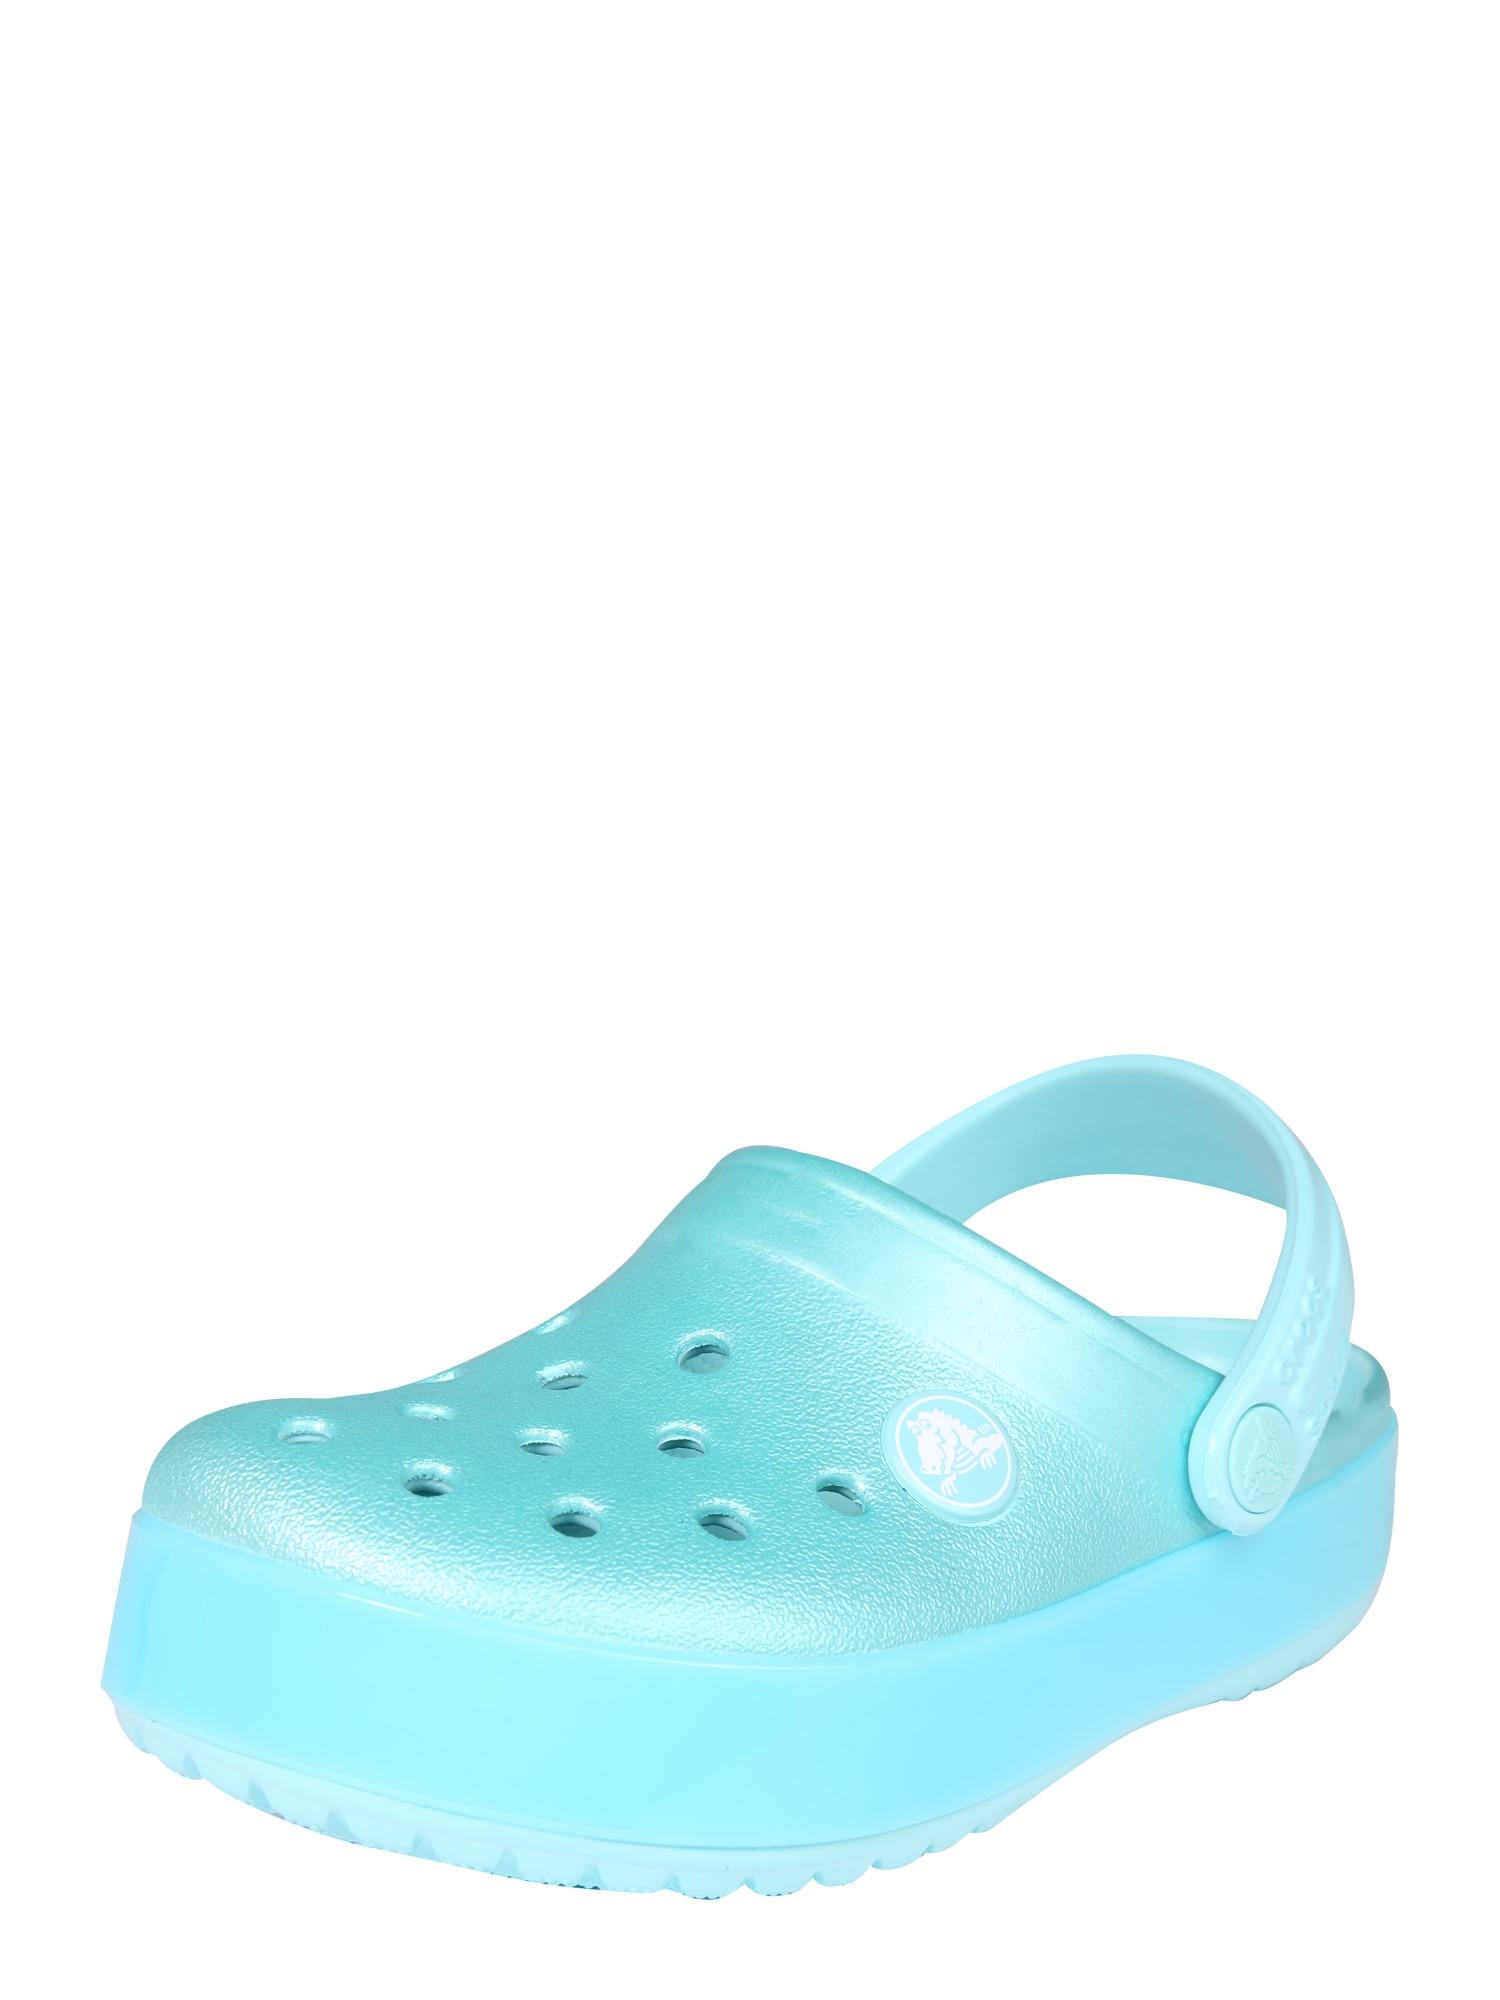 Otevřená obuv Ice Pop Clog  tyrkysová Crocs